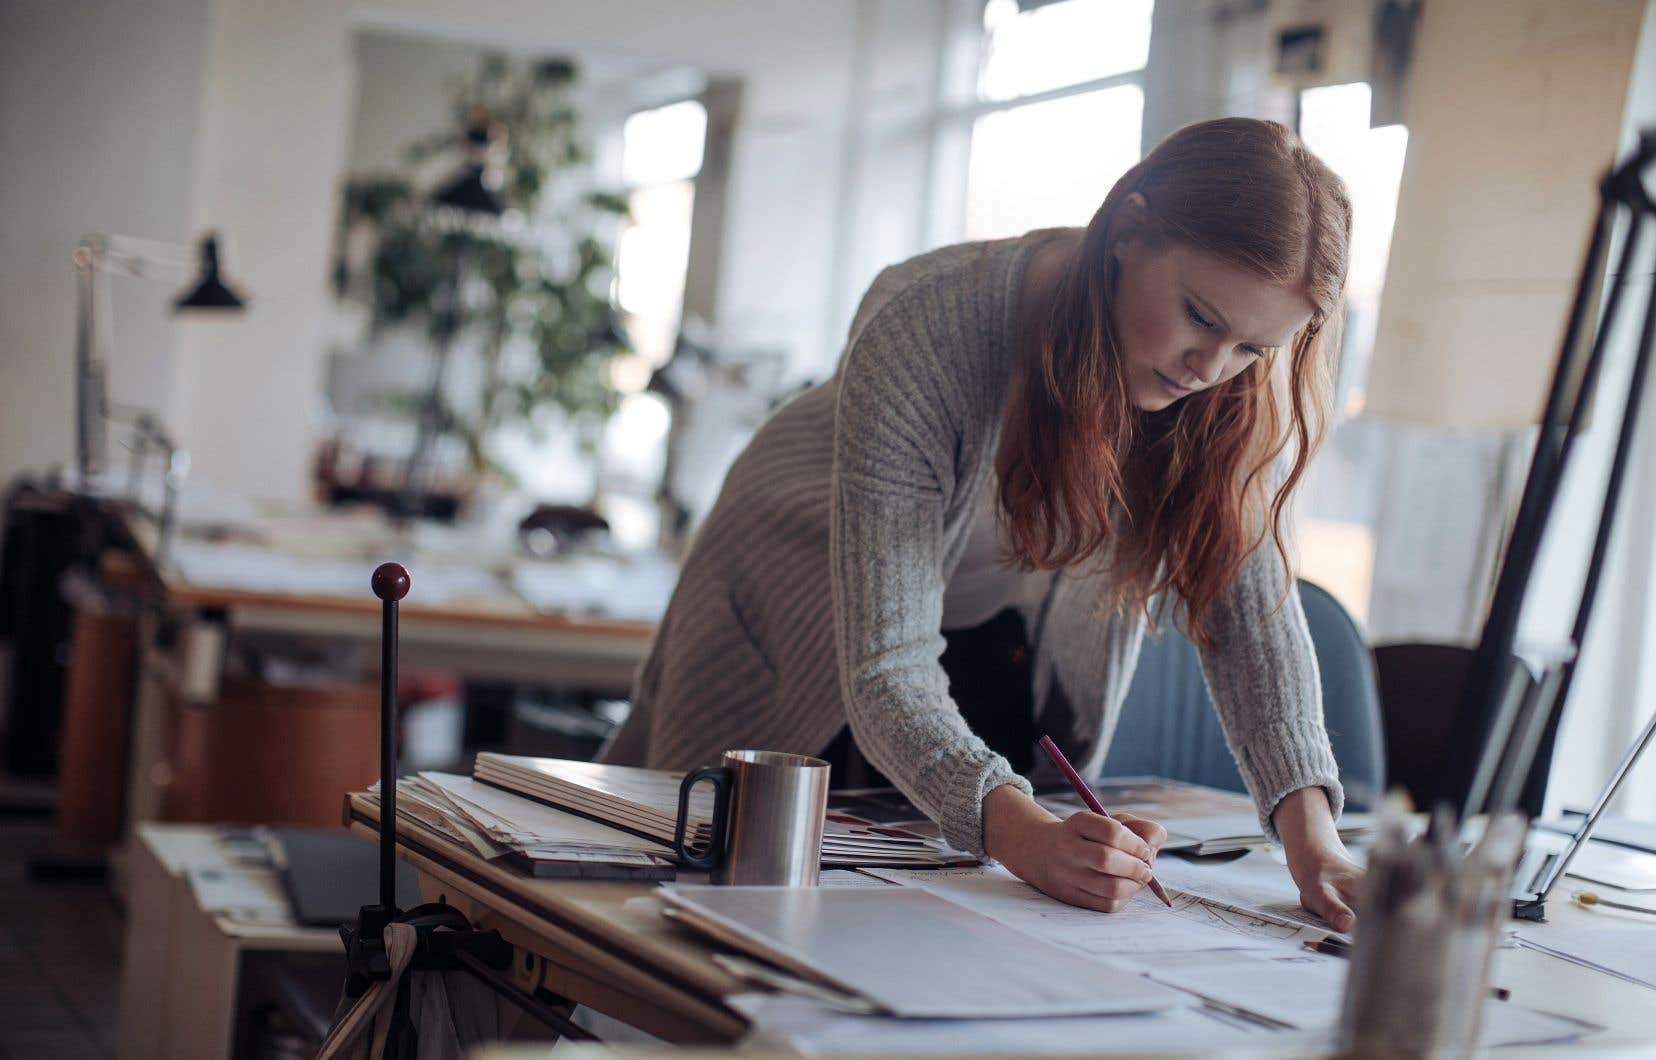 53% des millénariaux ont dit travailler de façon contractuelle ou temporaire pour gagner un revenu d'appoint, révèle le sondage réalisé par BMO Gestion financière.